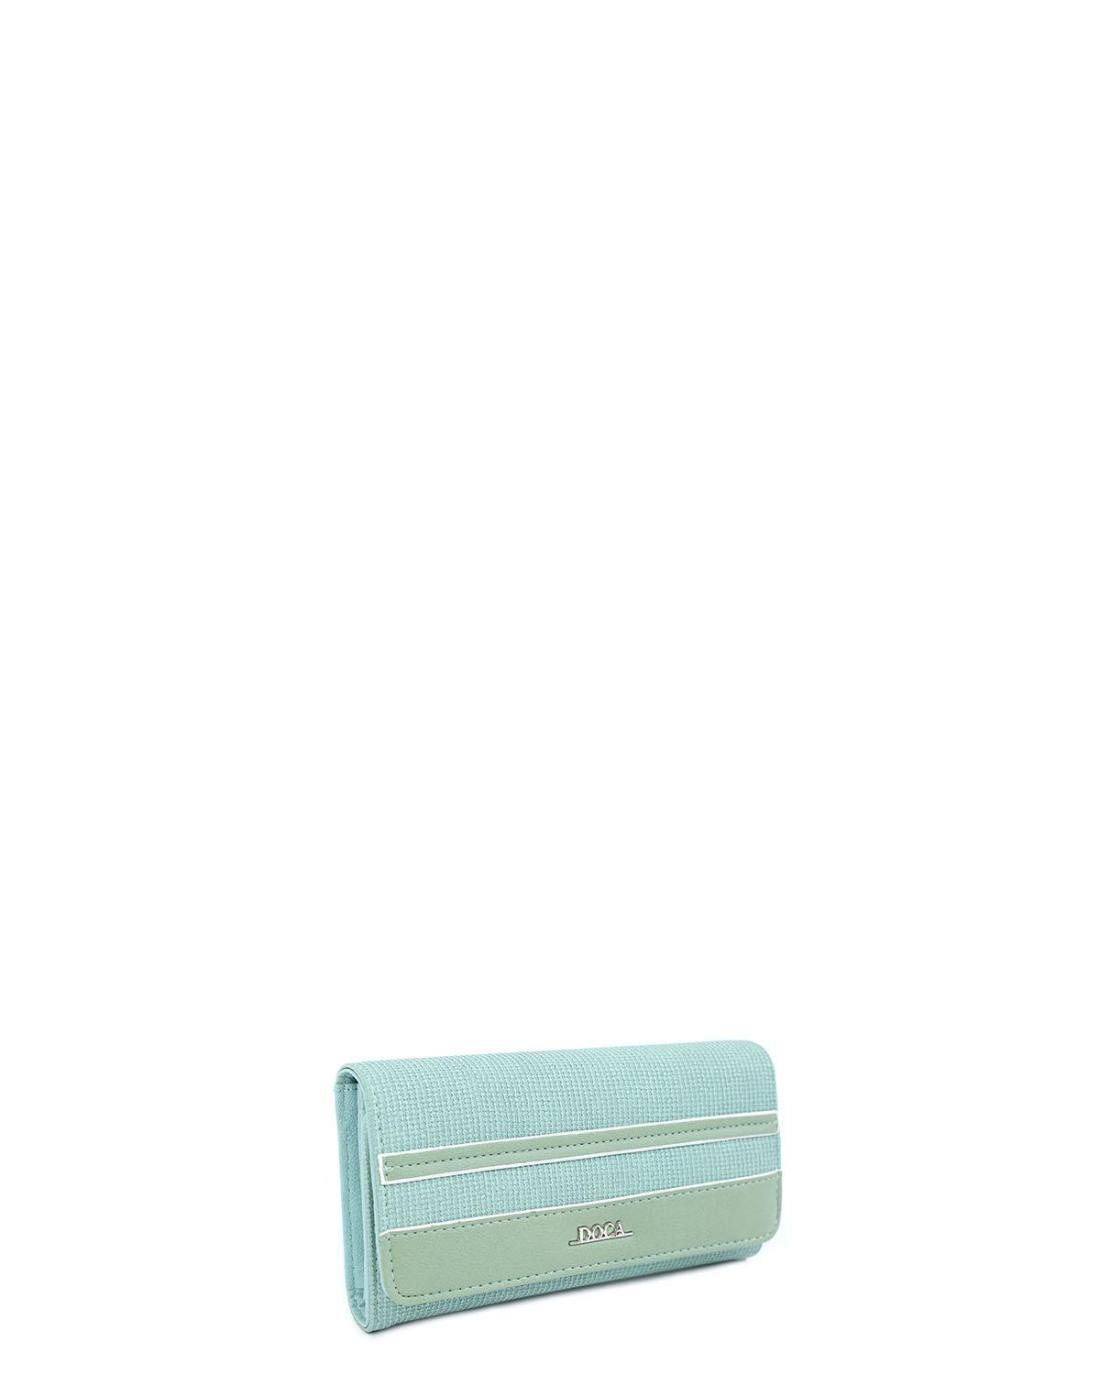 Πορτοφόλι πράσινο της μέντας